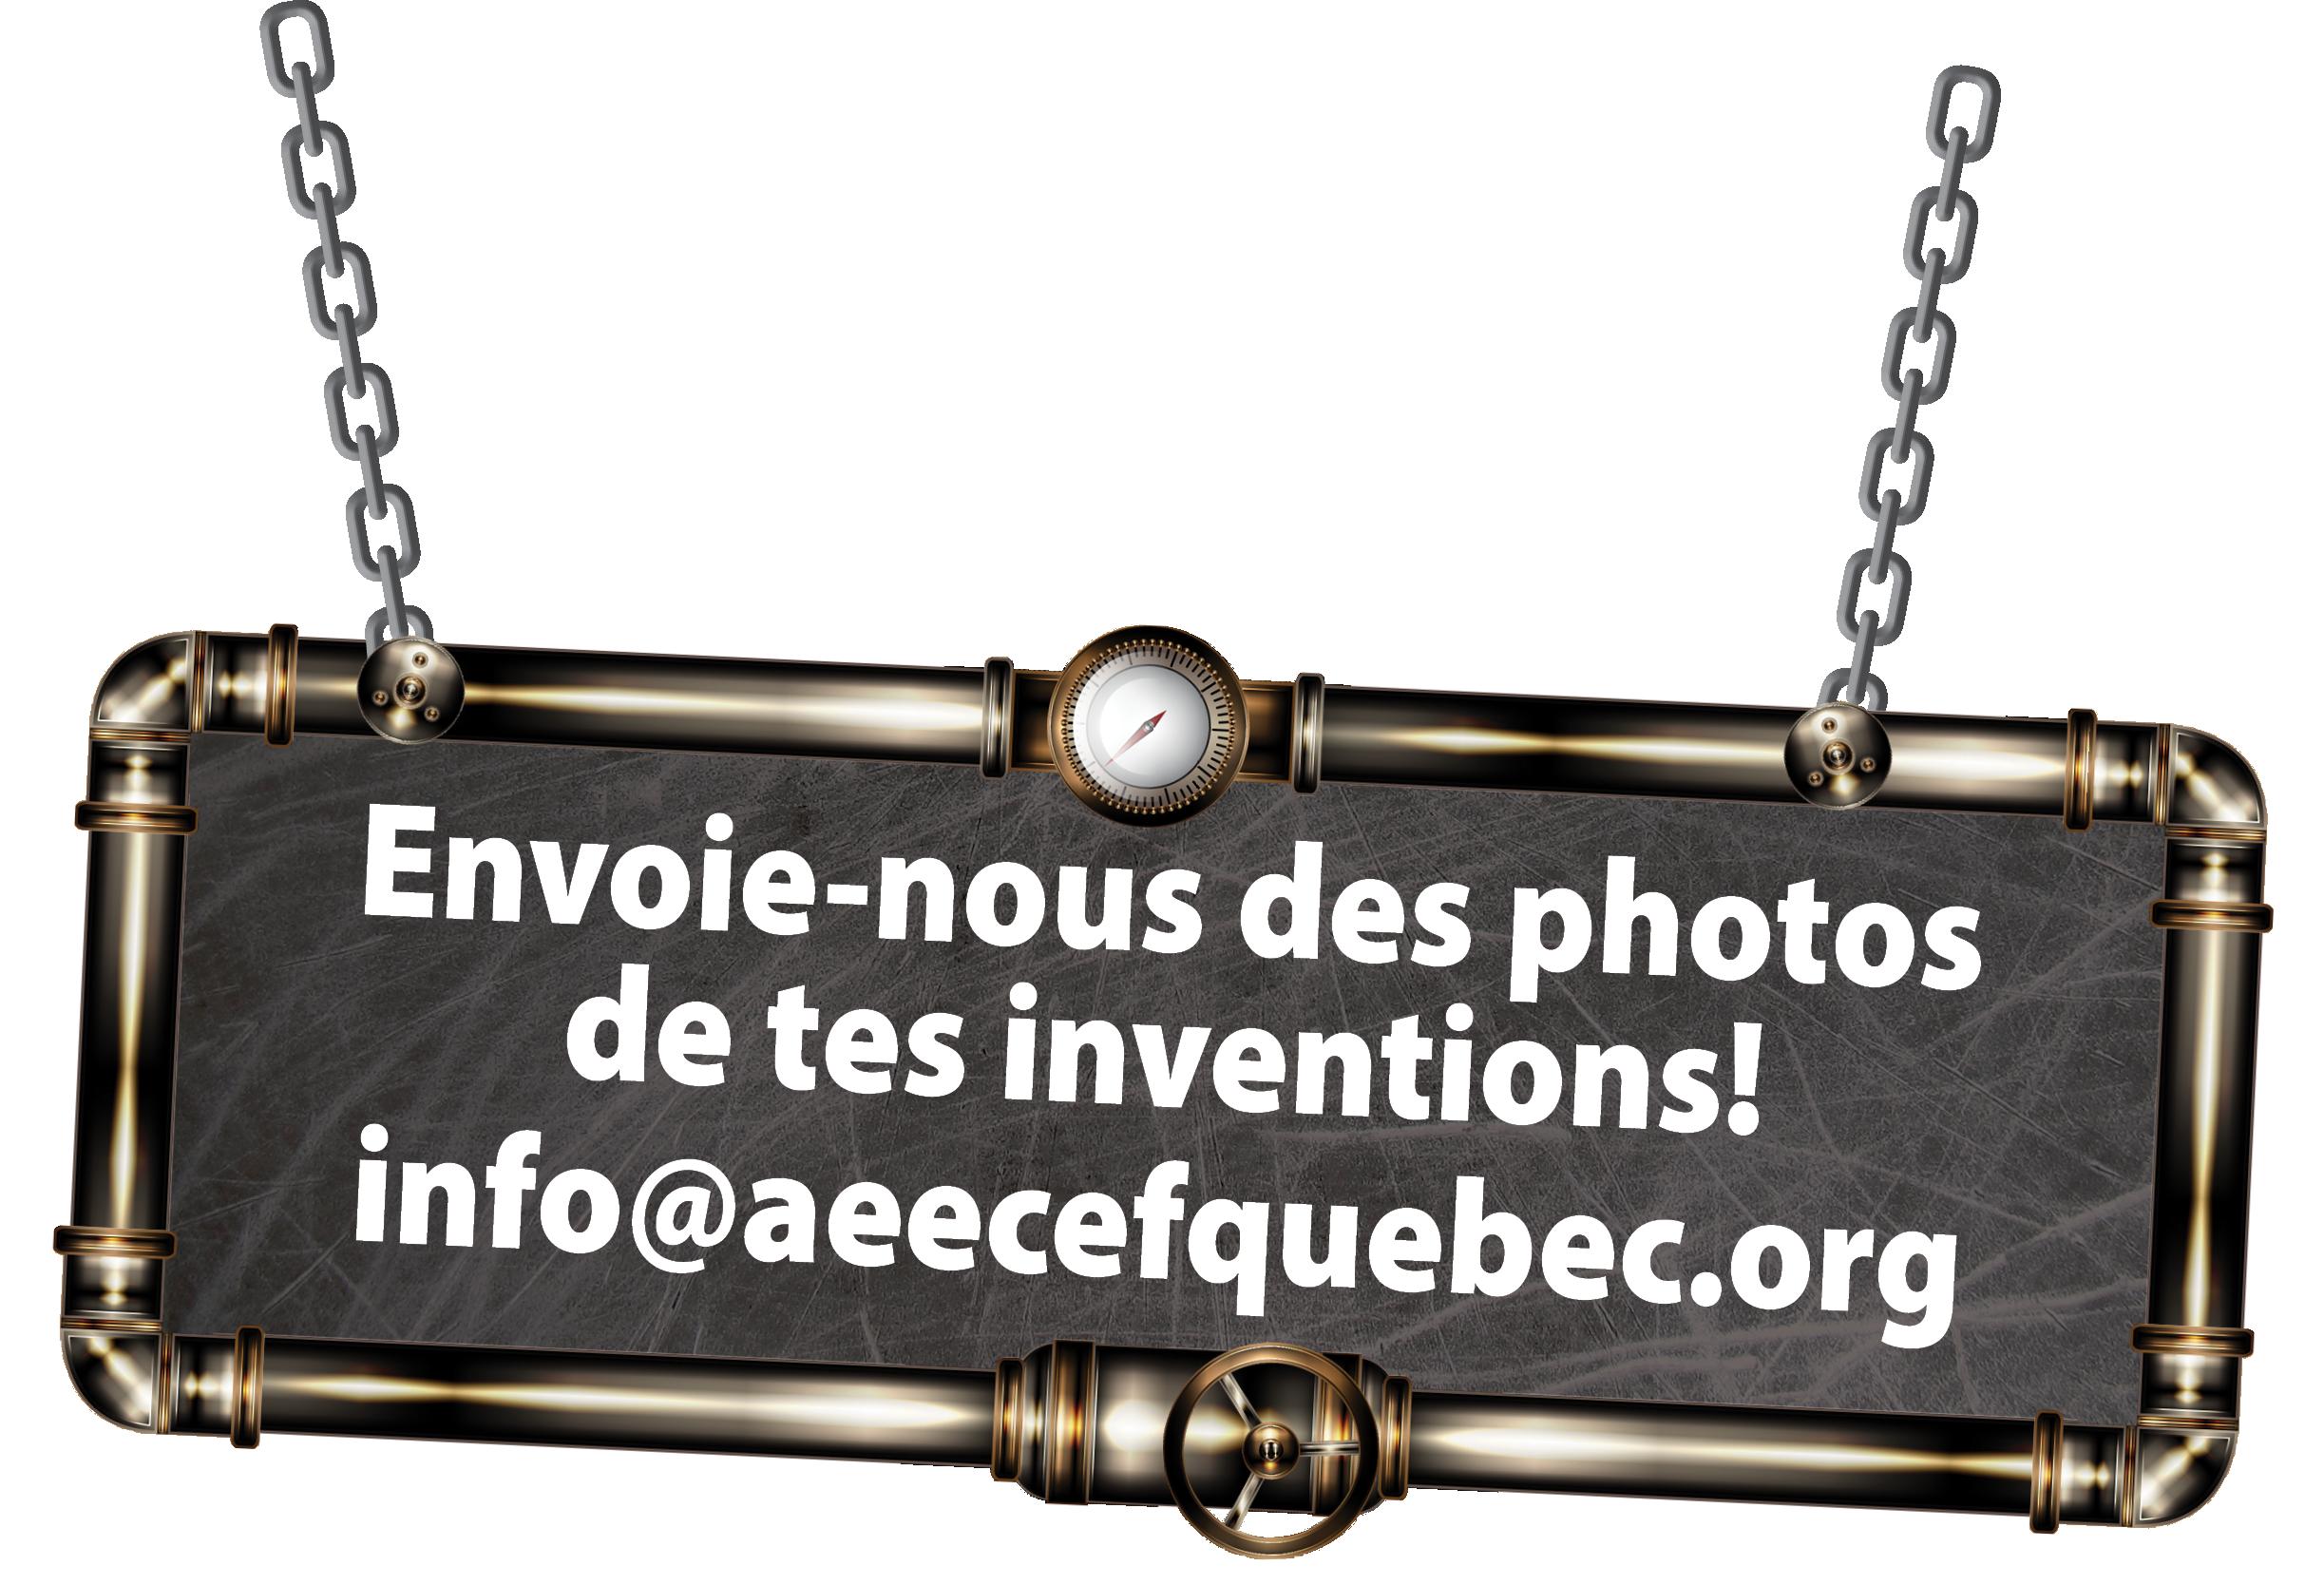 Envoie-nous des photos de tes inventions!